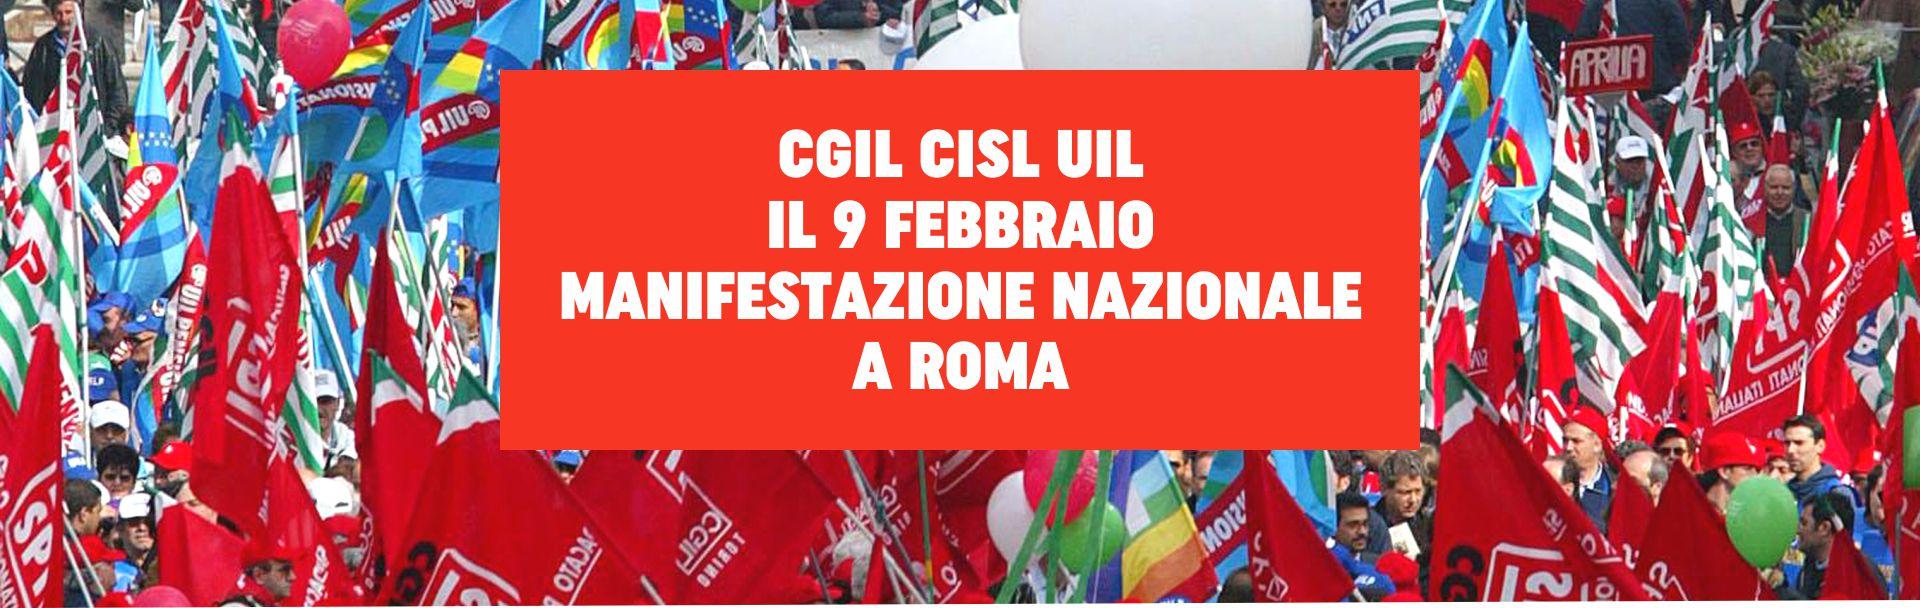 Il segretario generale della Cgil Maurizio Landini lancia la manifestazione del 9 febbraio a Roma